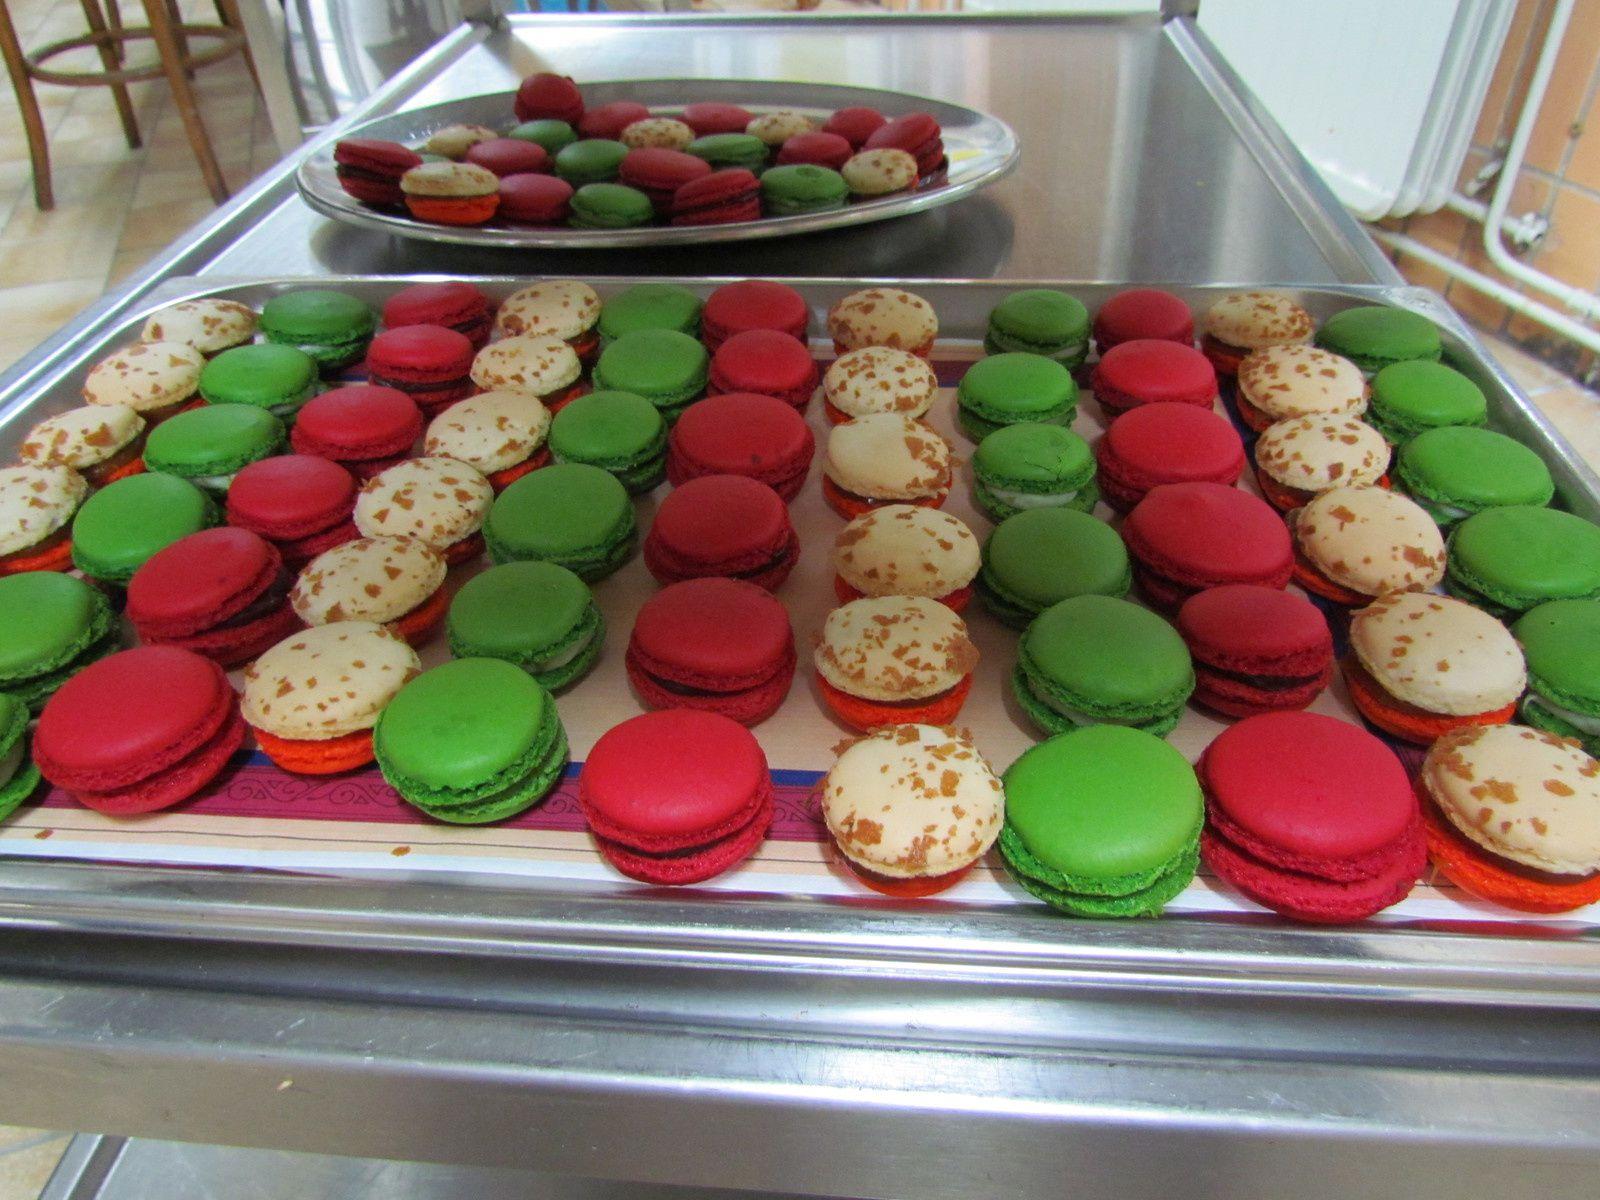 D la section Boulangerie-pâtisserie de l'Athénée Neufchâteau